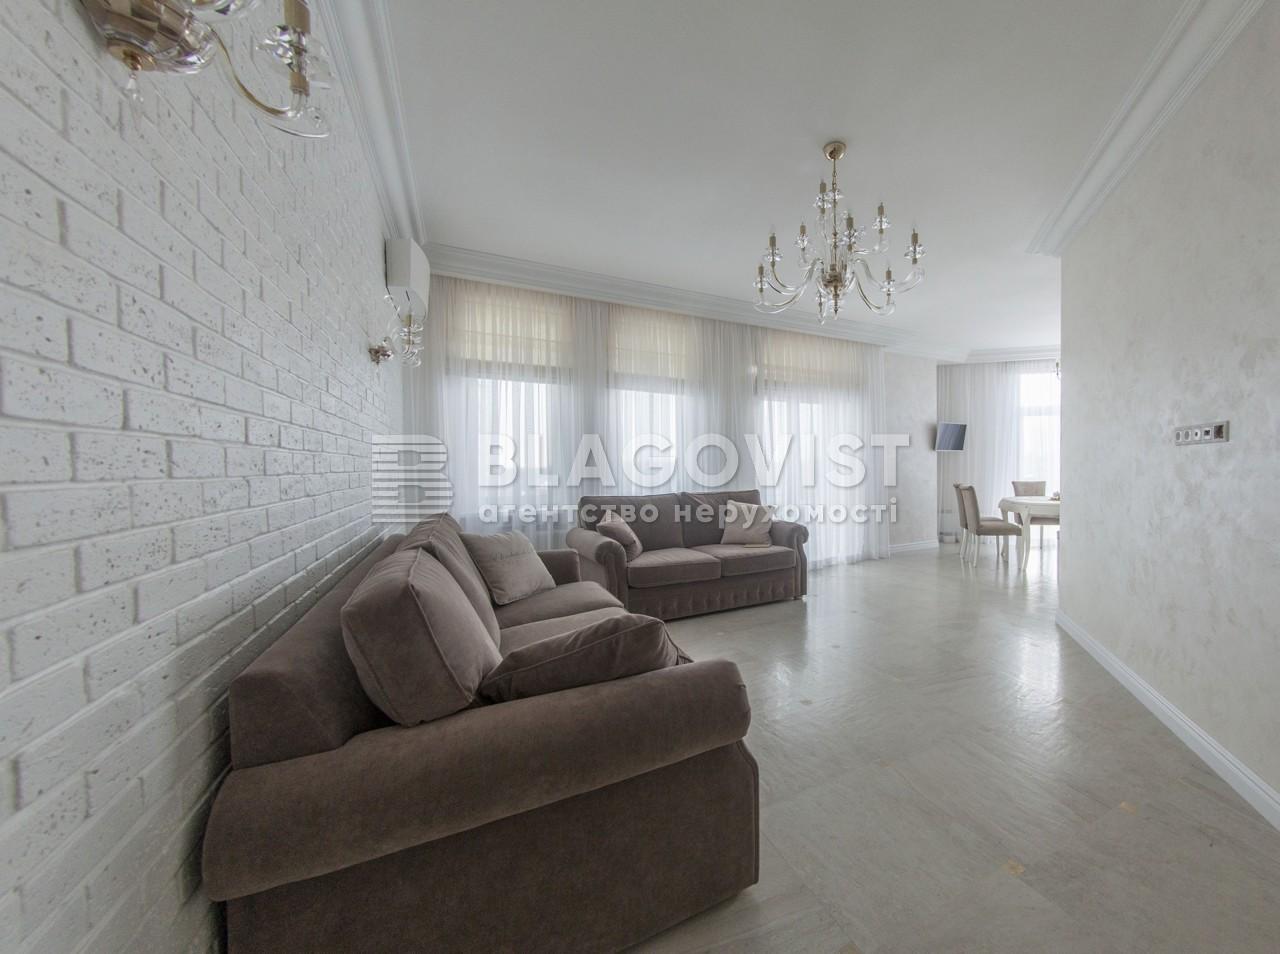 Квартира P-12816, Звіринецька, 47, Київ - Фото 6